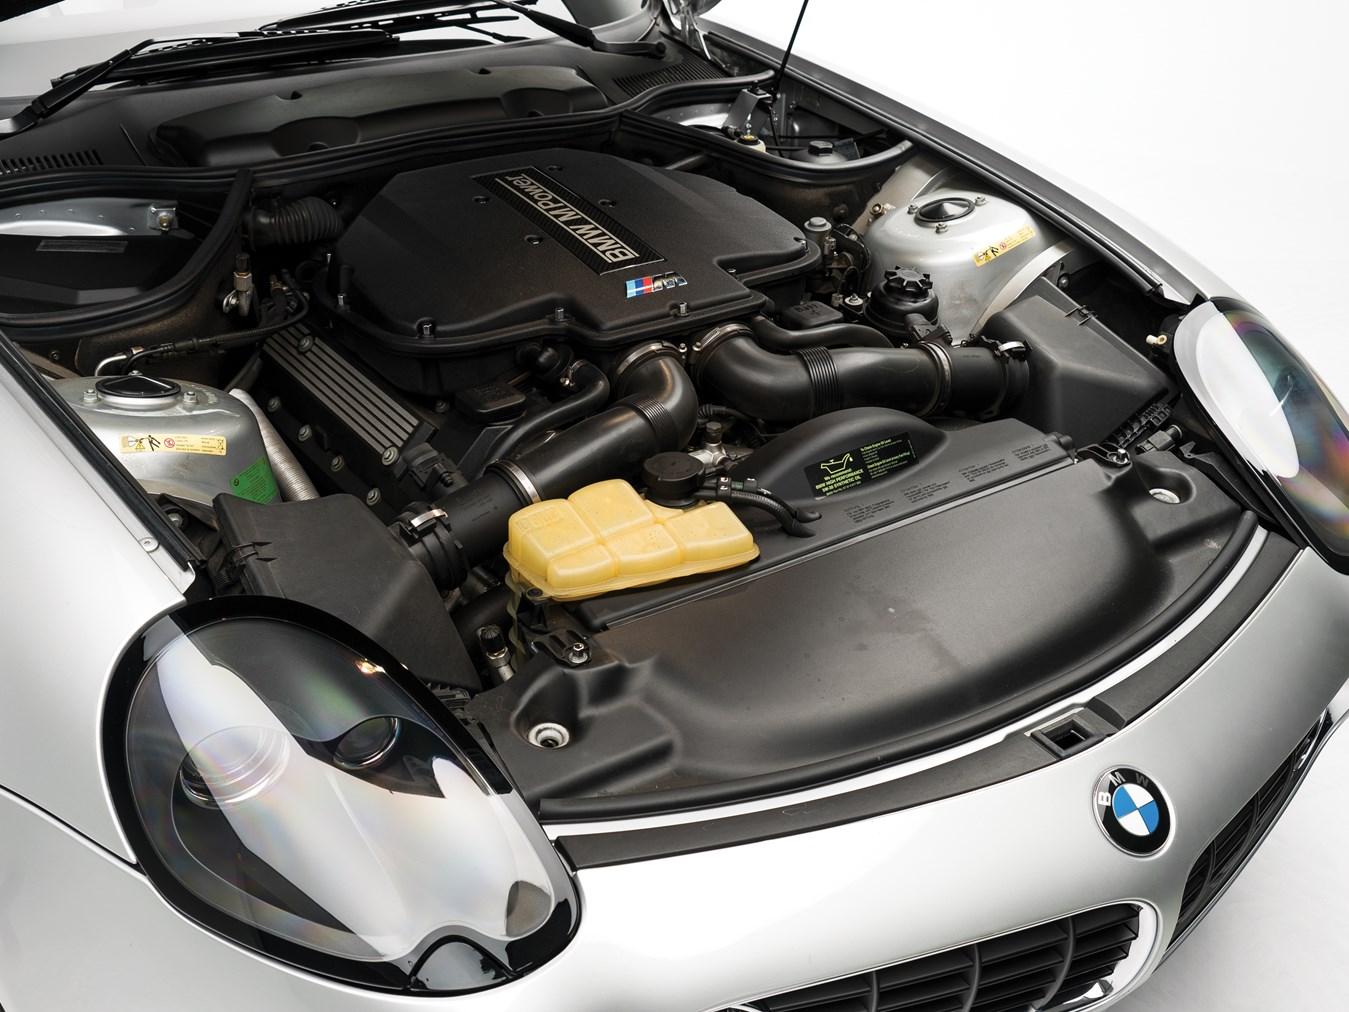 2000 BMW Z8 engine